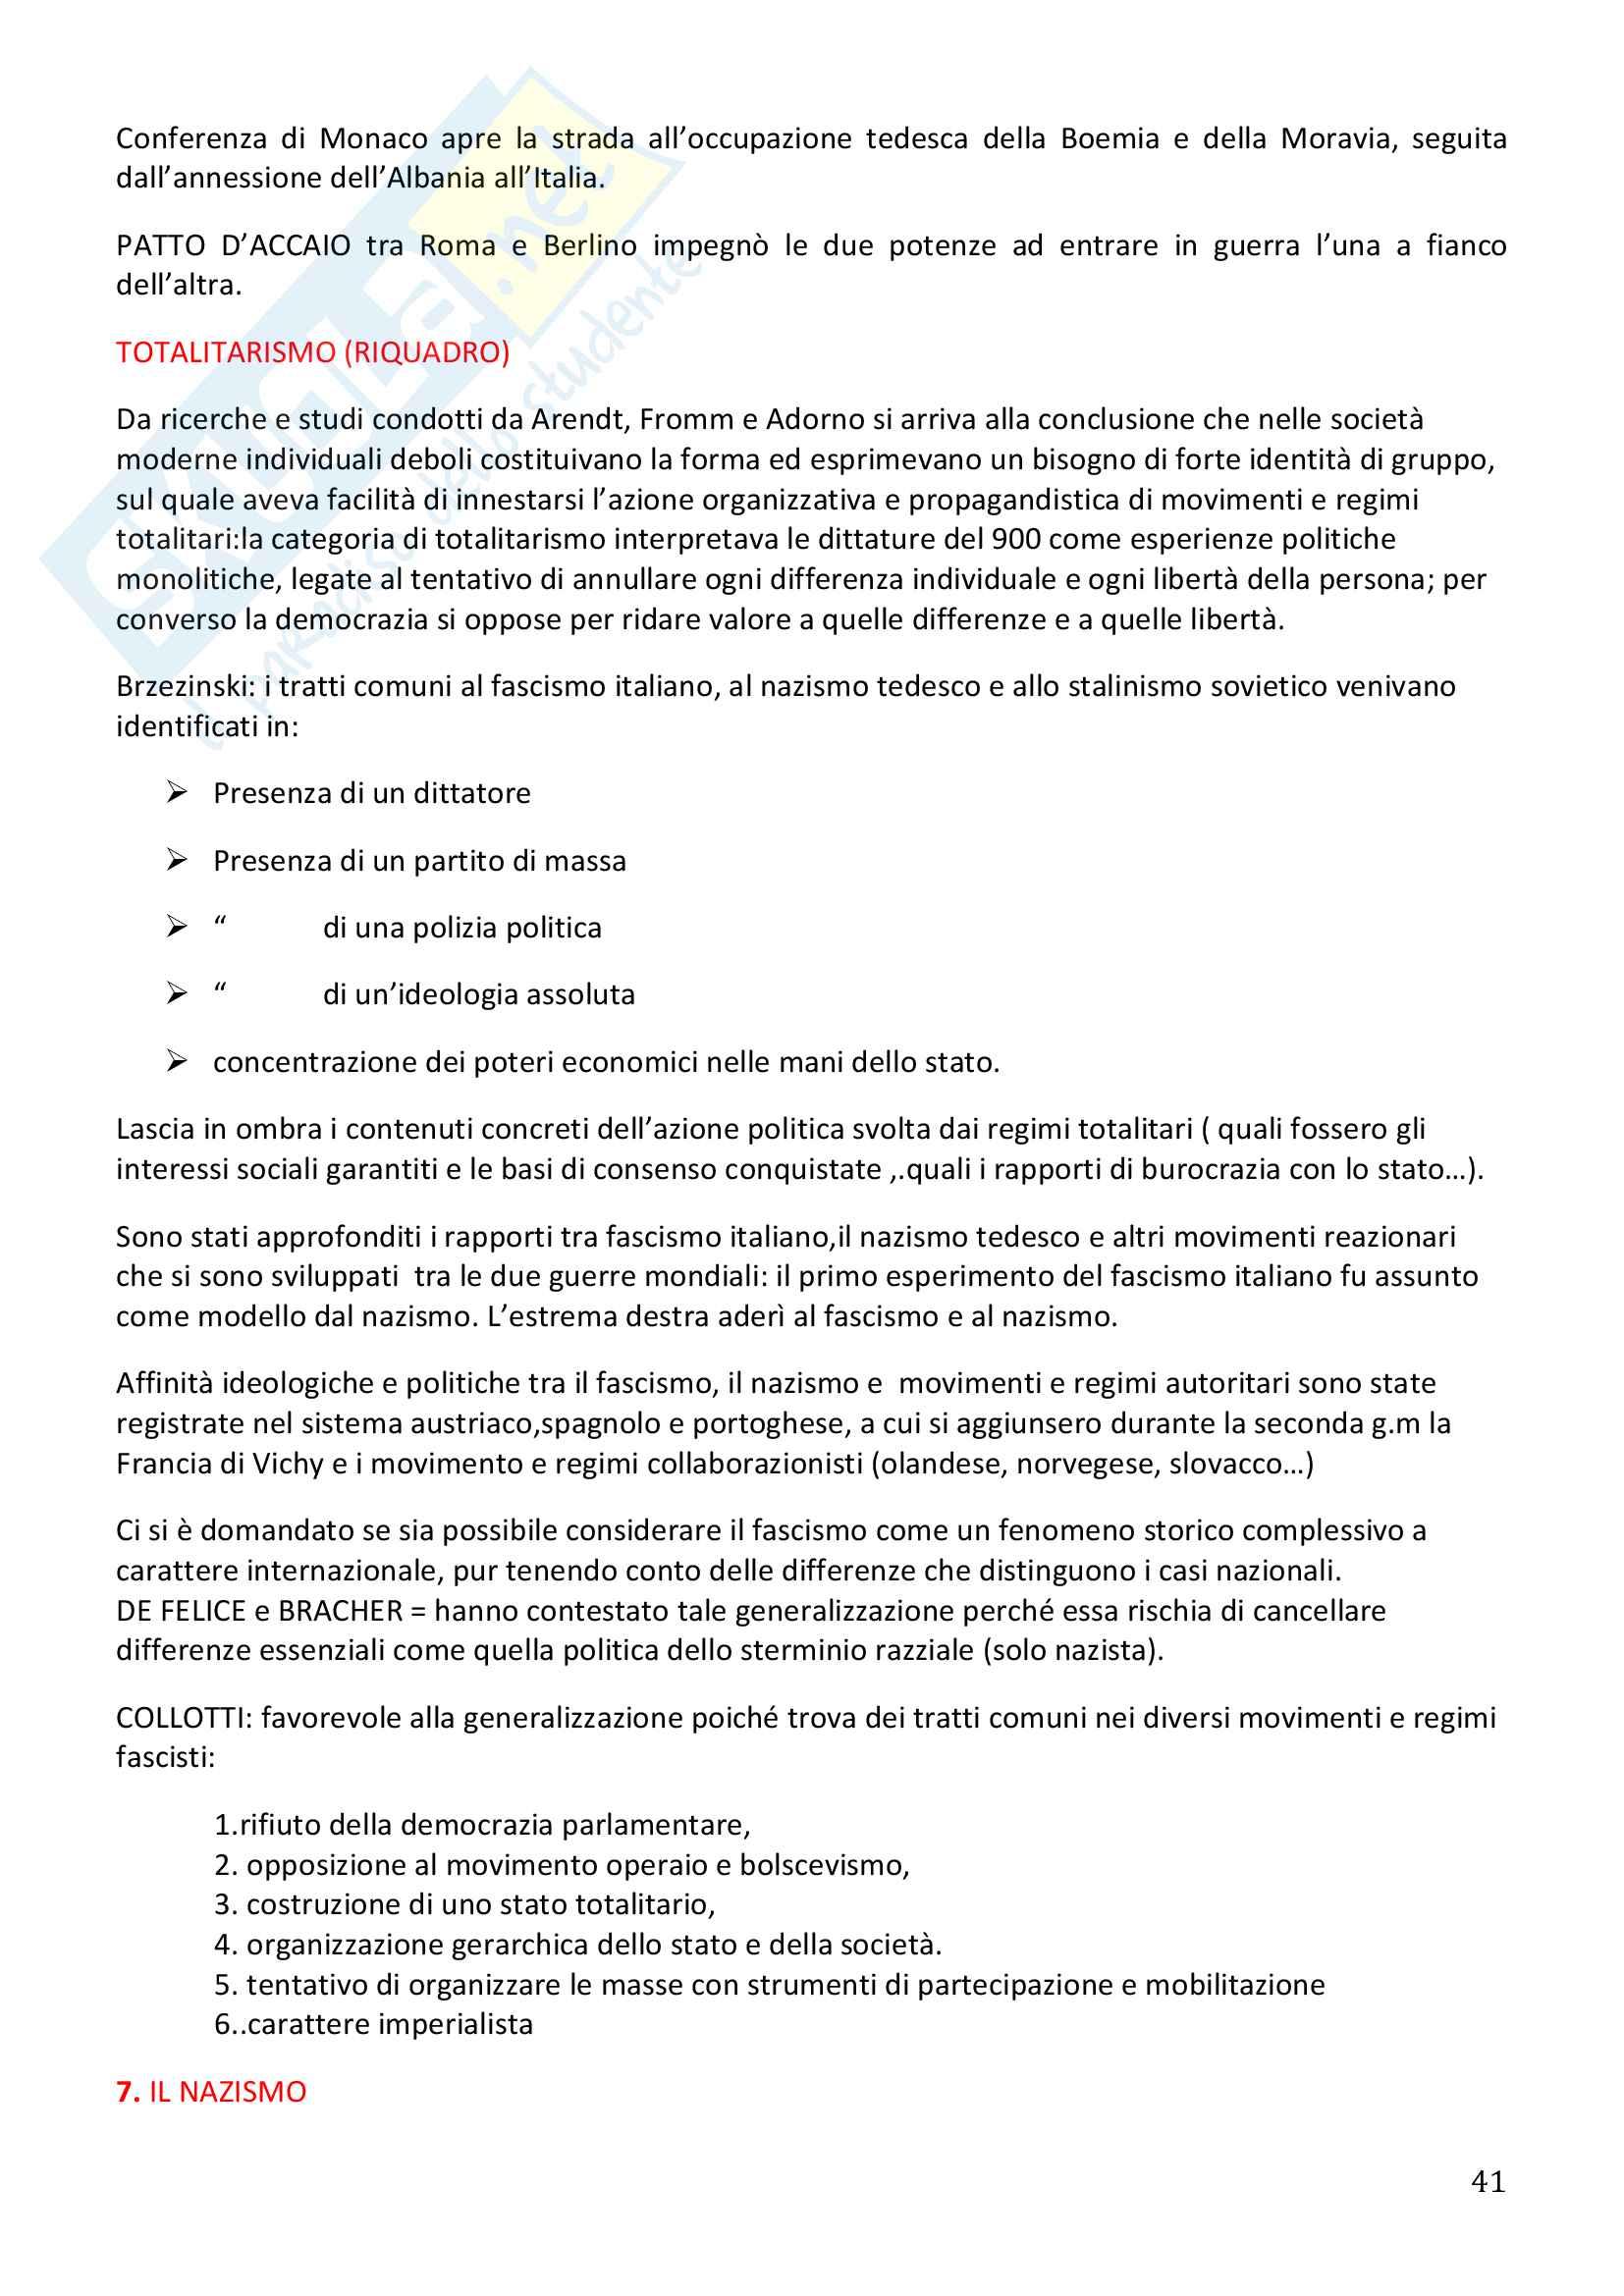 Storia Contemporanea, Detti, Gozzini il Novecento - Riassunto Pag. 41